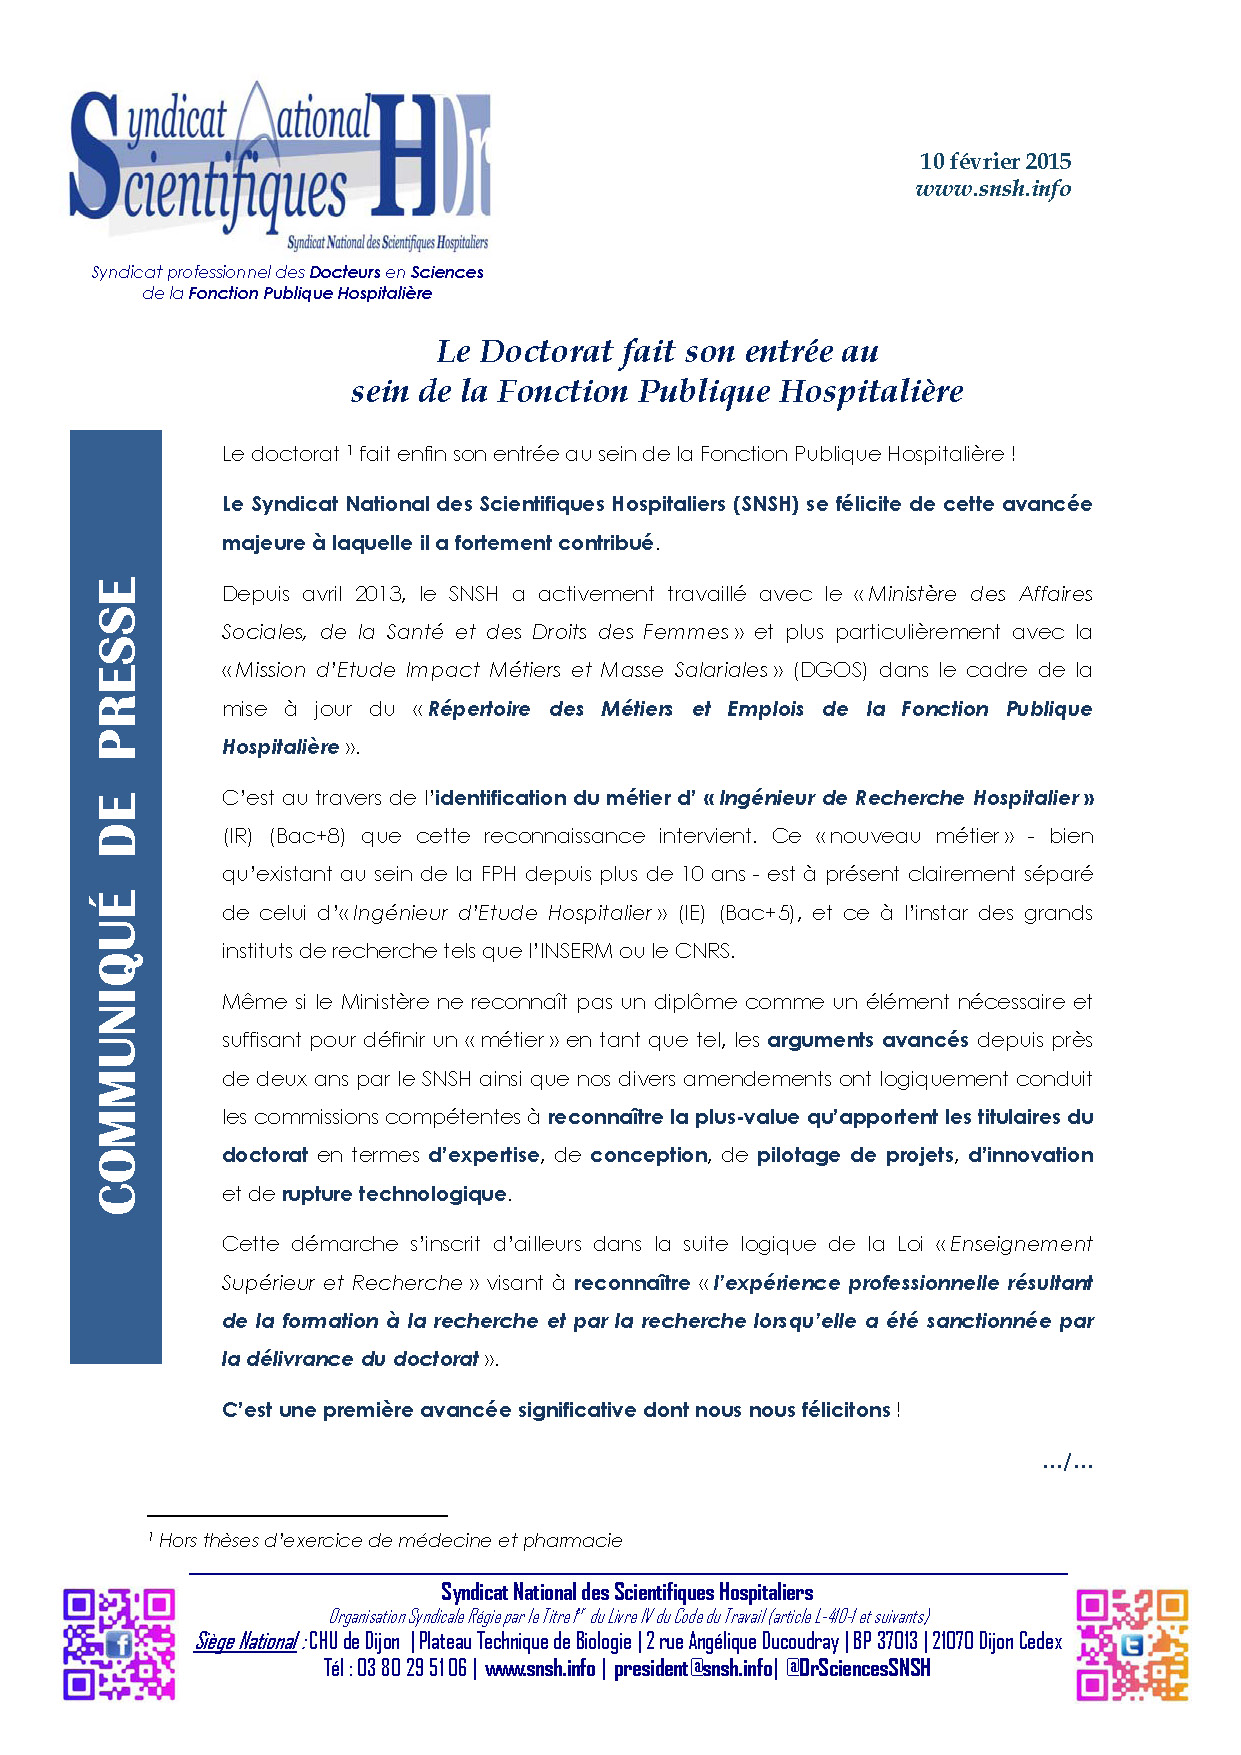 2015 02 10 LE DOCTORAT FAIT SON ENTREE DANS LA FPH